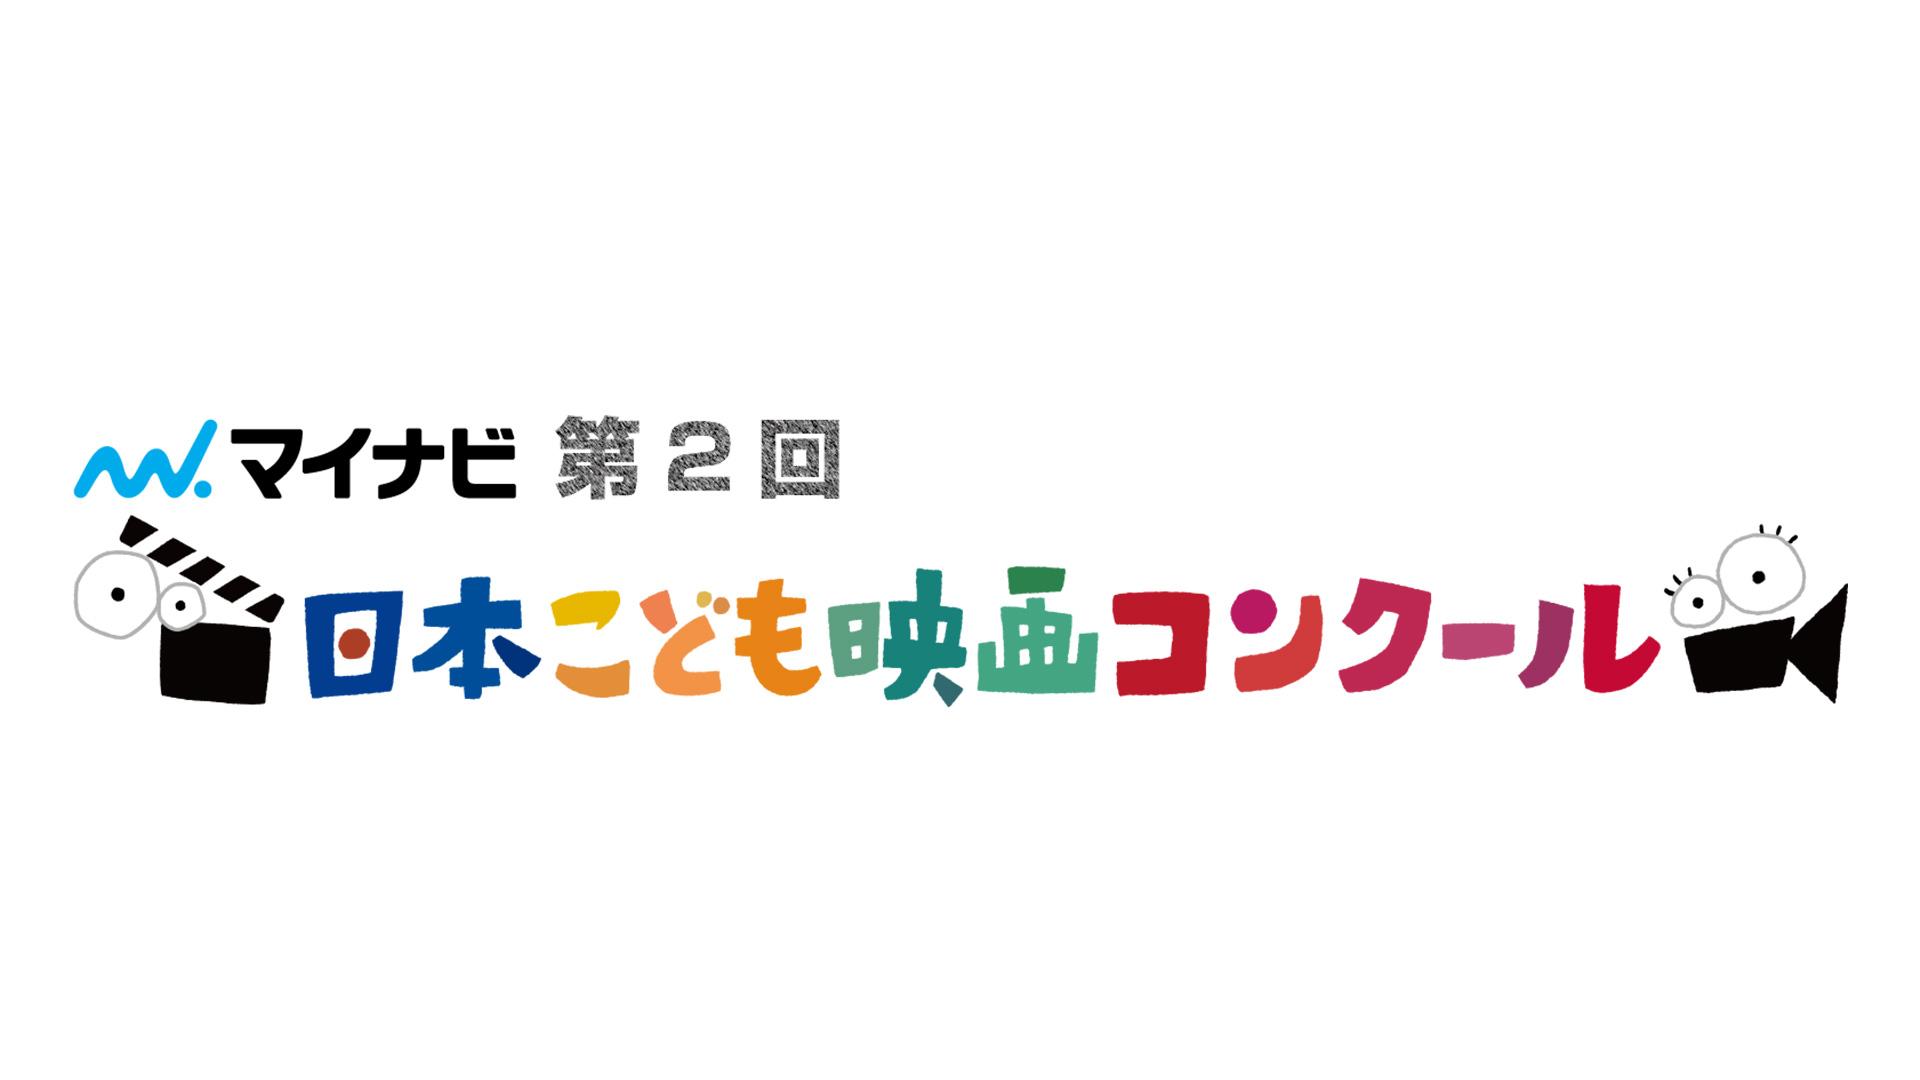 マイナビ 第2回日本こども映画コンクール 届け!ボクらの想い